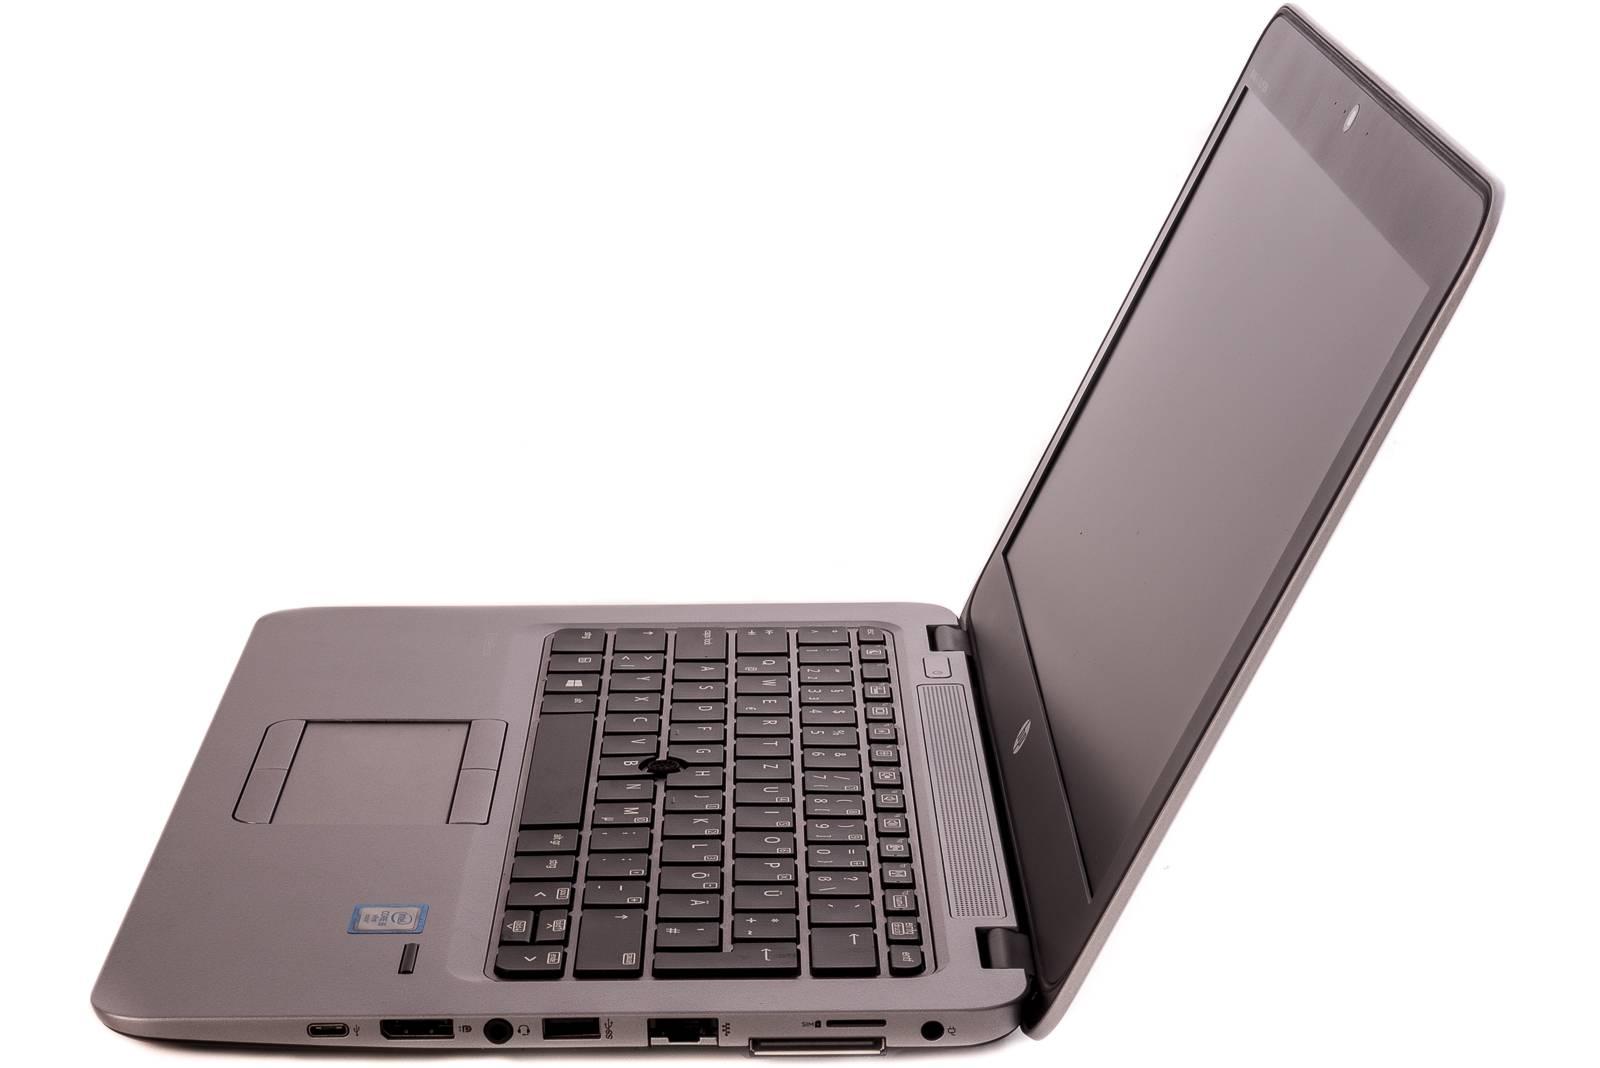 Hp Elitebook 820 G3 Ultrabook Gebraucht Kaufen 699 90